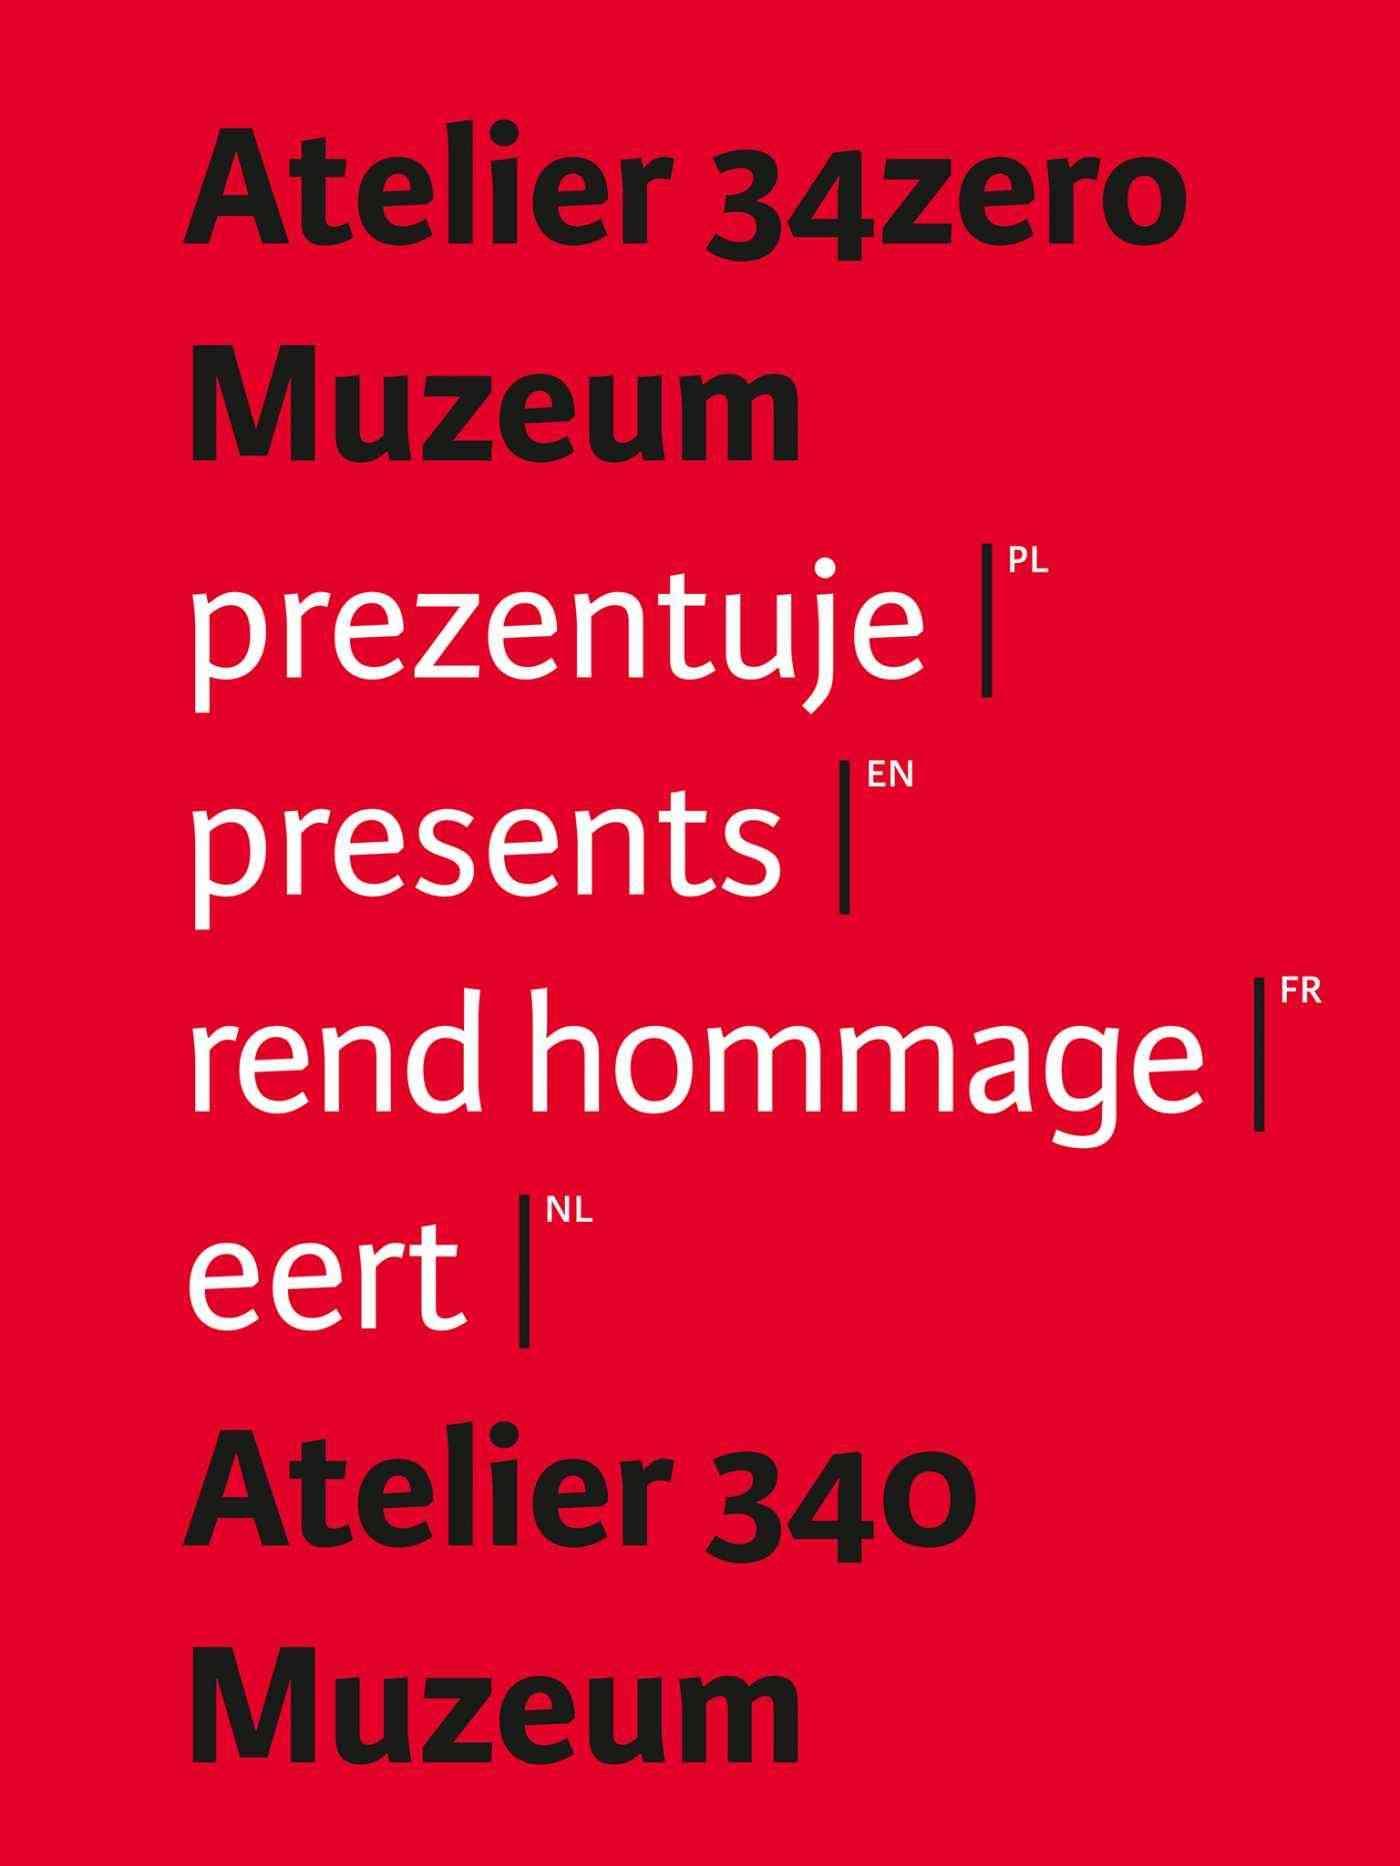 Atelier 34zero Muzeum prezentuje Atelier 340 Muzeum - Ebook (Książka EPUB) do pobrania w formacie EPUB